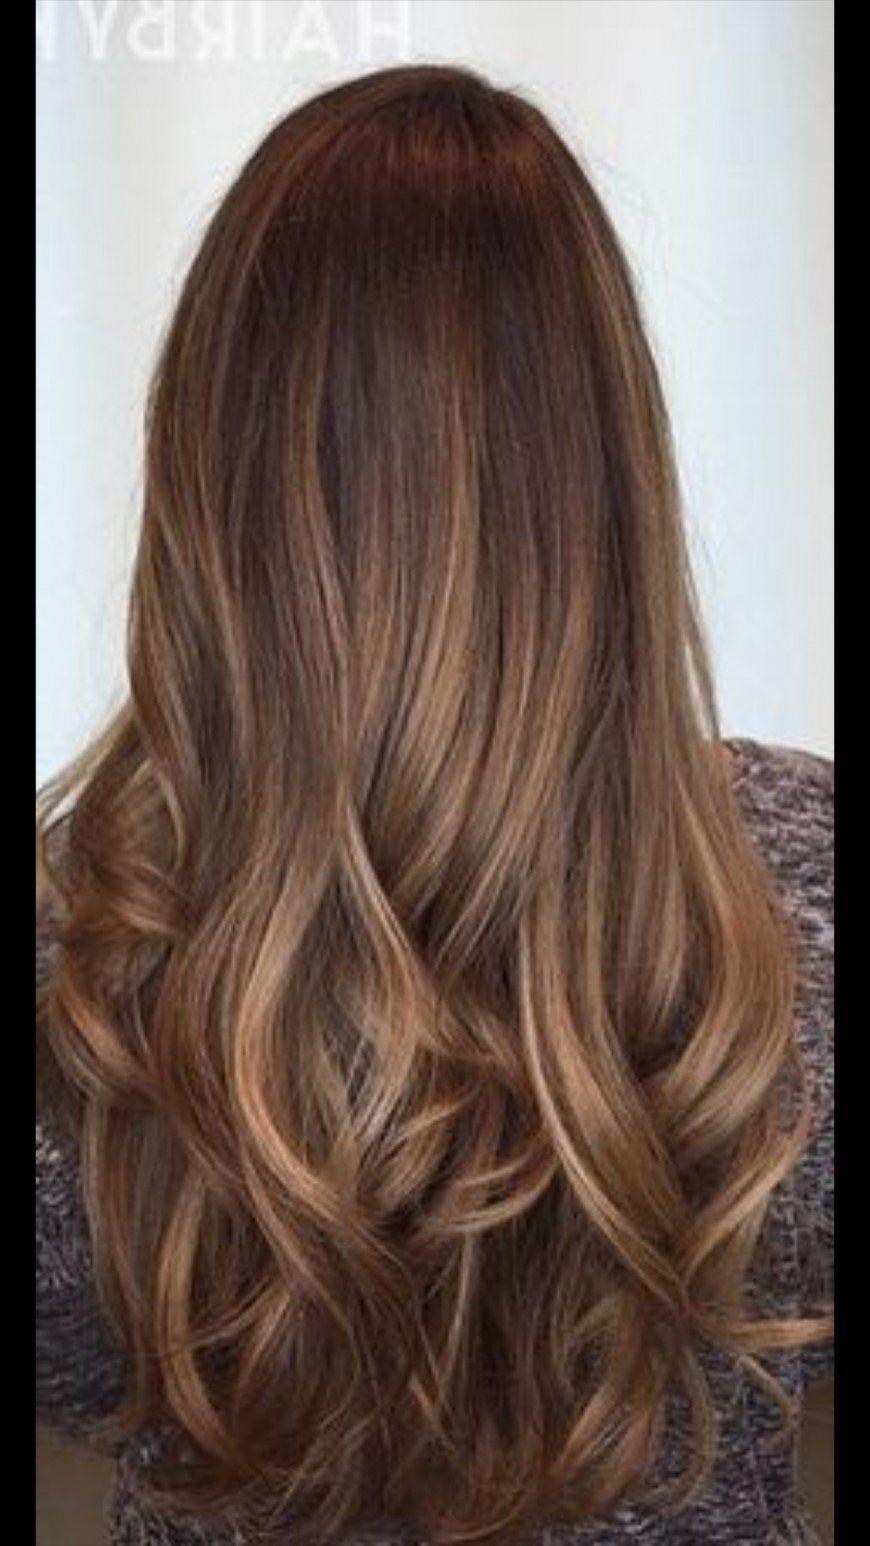 Strähnen braune haare mit blonde Dunkle haare